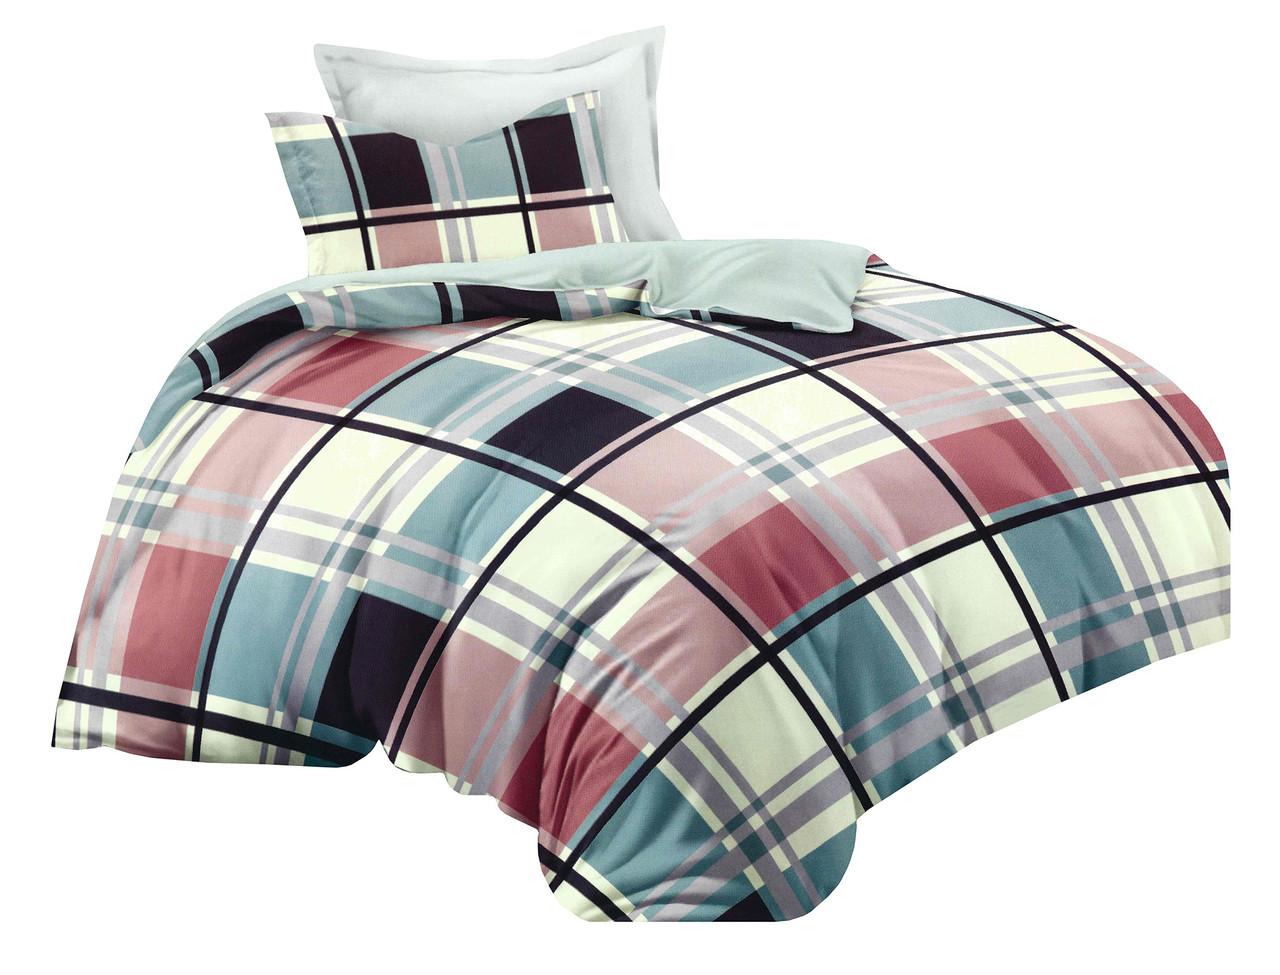 Комплект постельного белья Микроволокно HXDD-711 M&M 4235 Разноцветный